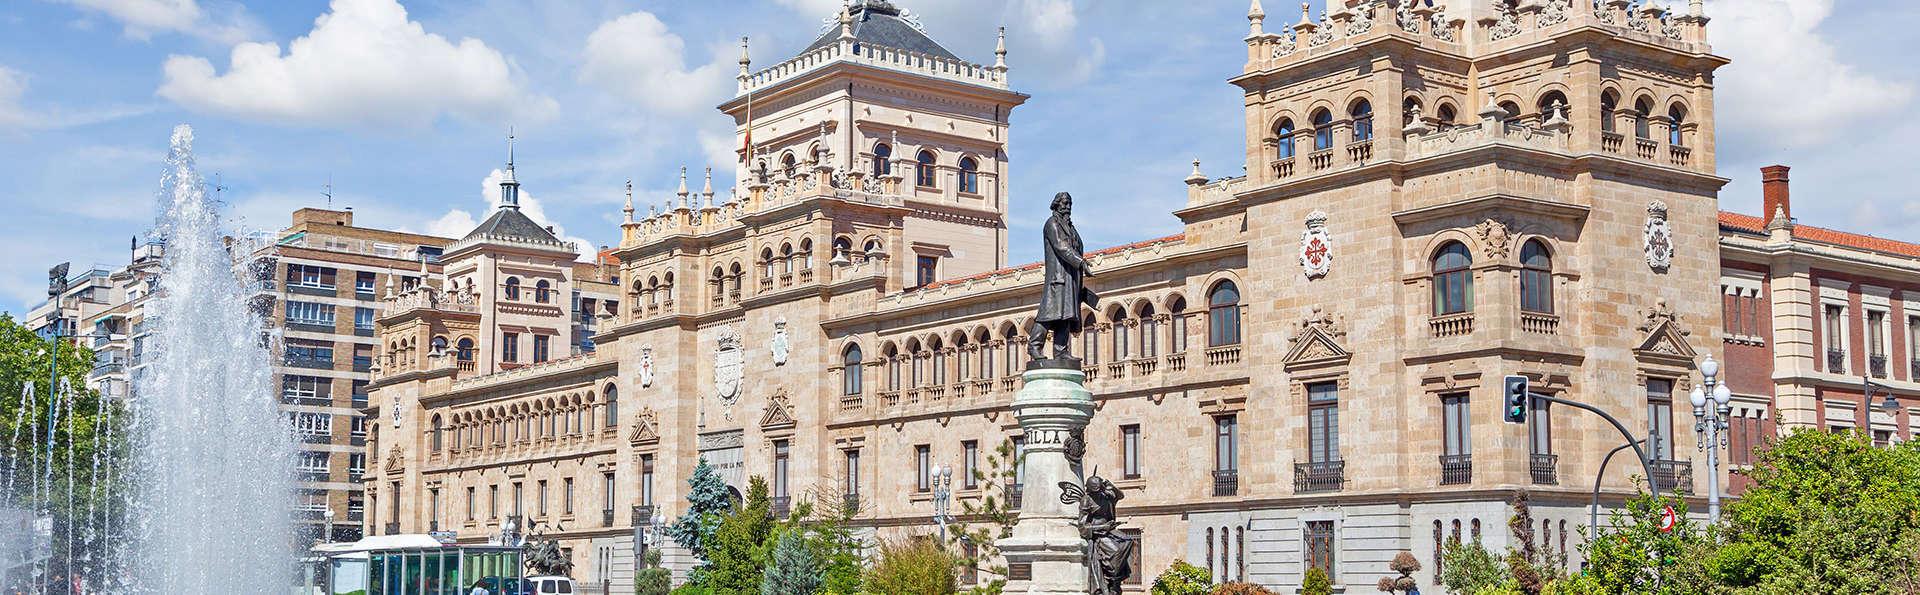 Hotel Olid - Edit_Valladolid3.jpg